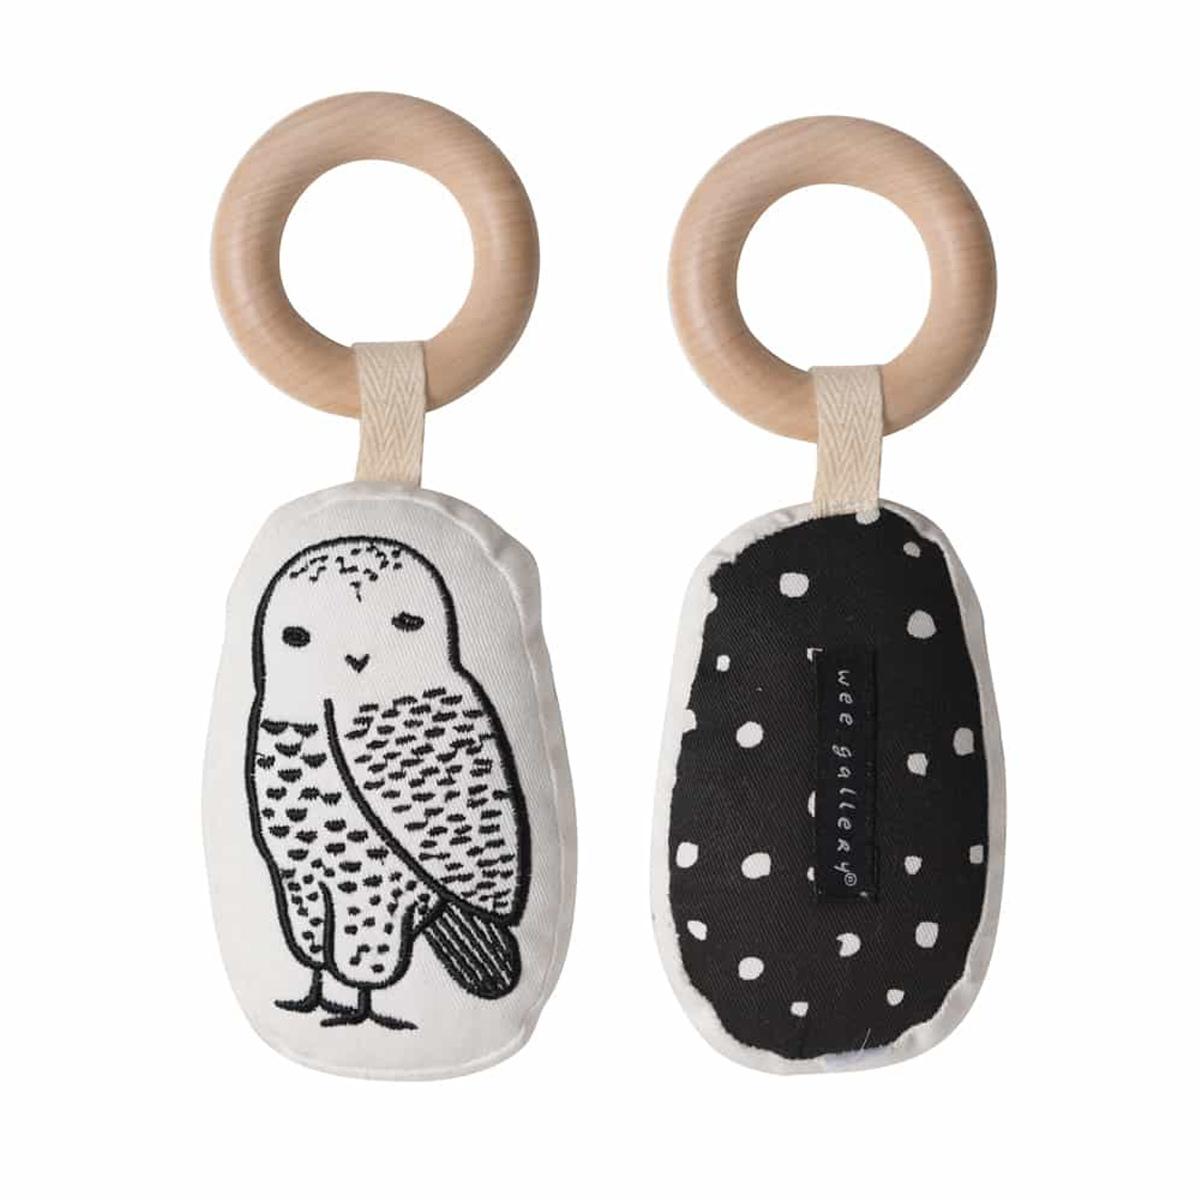 Hochet Hochet - Owl Hochet - Owl